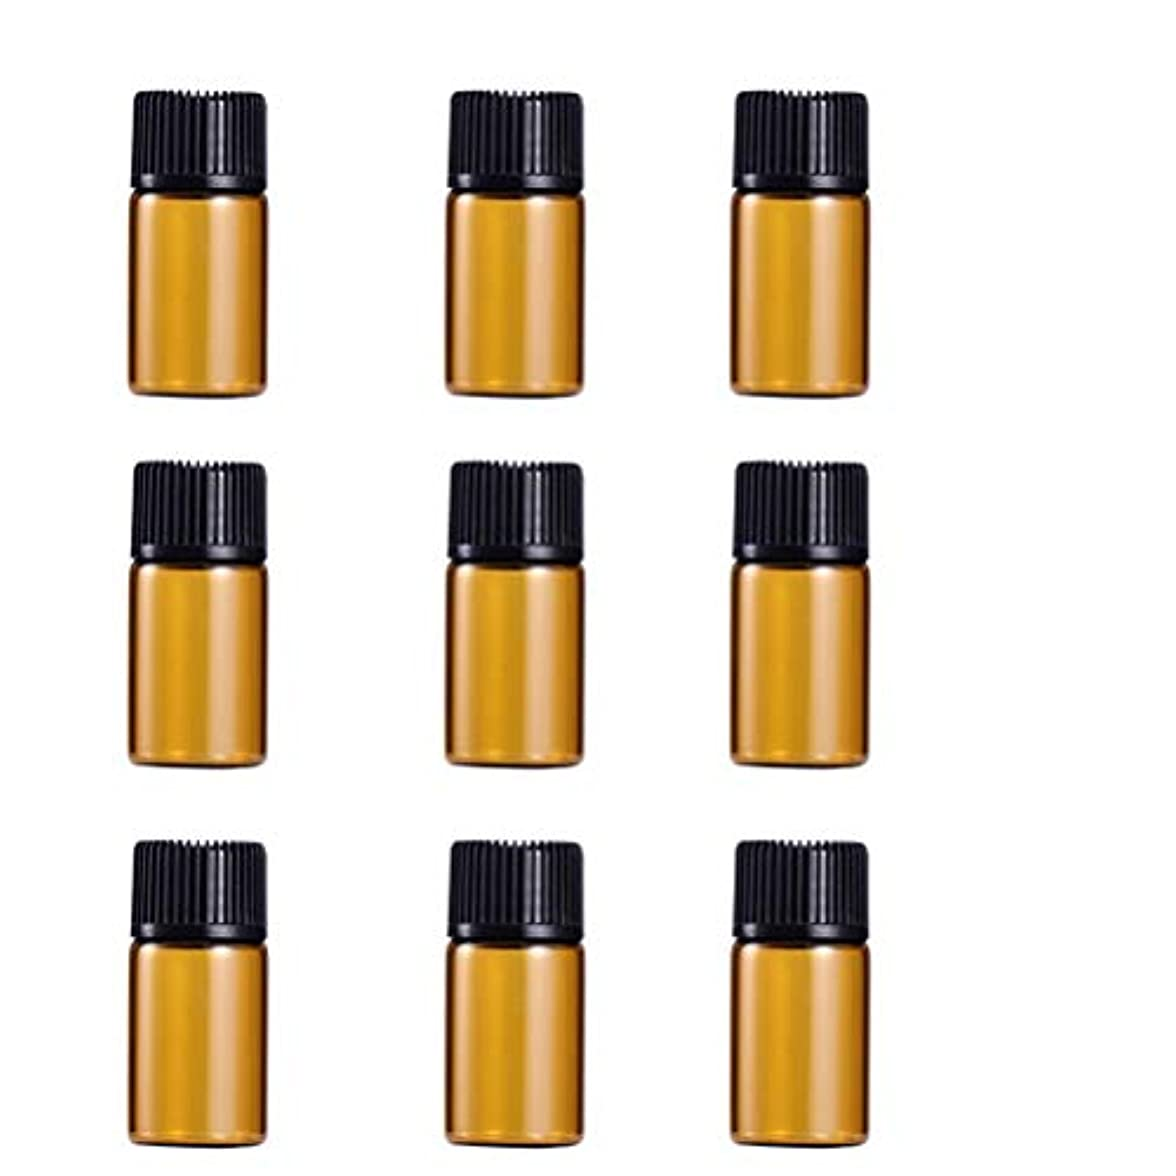 女優眠りマインドフルWINOMO 遮光瓶 アロマオイル 精油 小分け用 遮光瓶セット アロマボトル 保存容器 エッセンシャルオイル 香水 保存用 詰替え ガラス 茶色(9個入り 3ml)